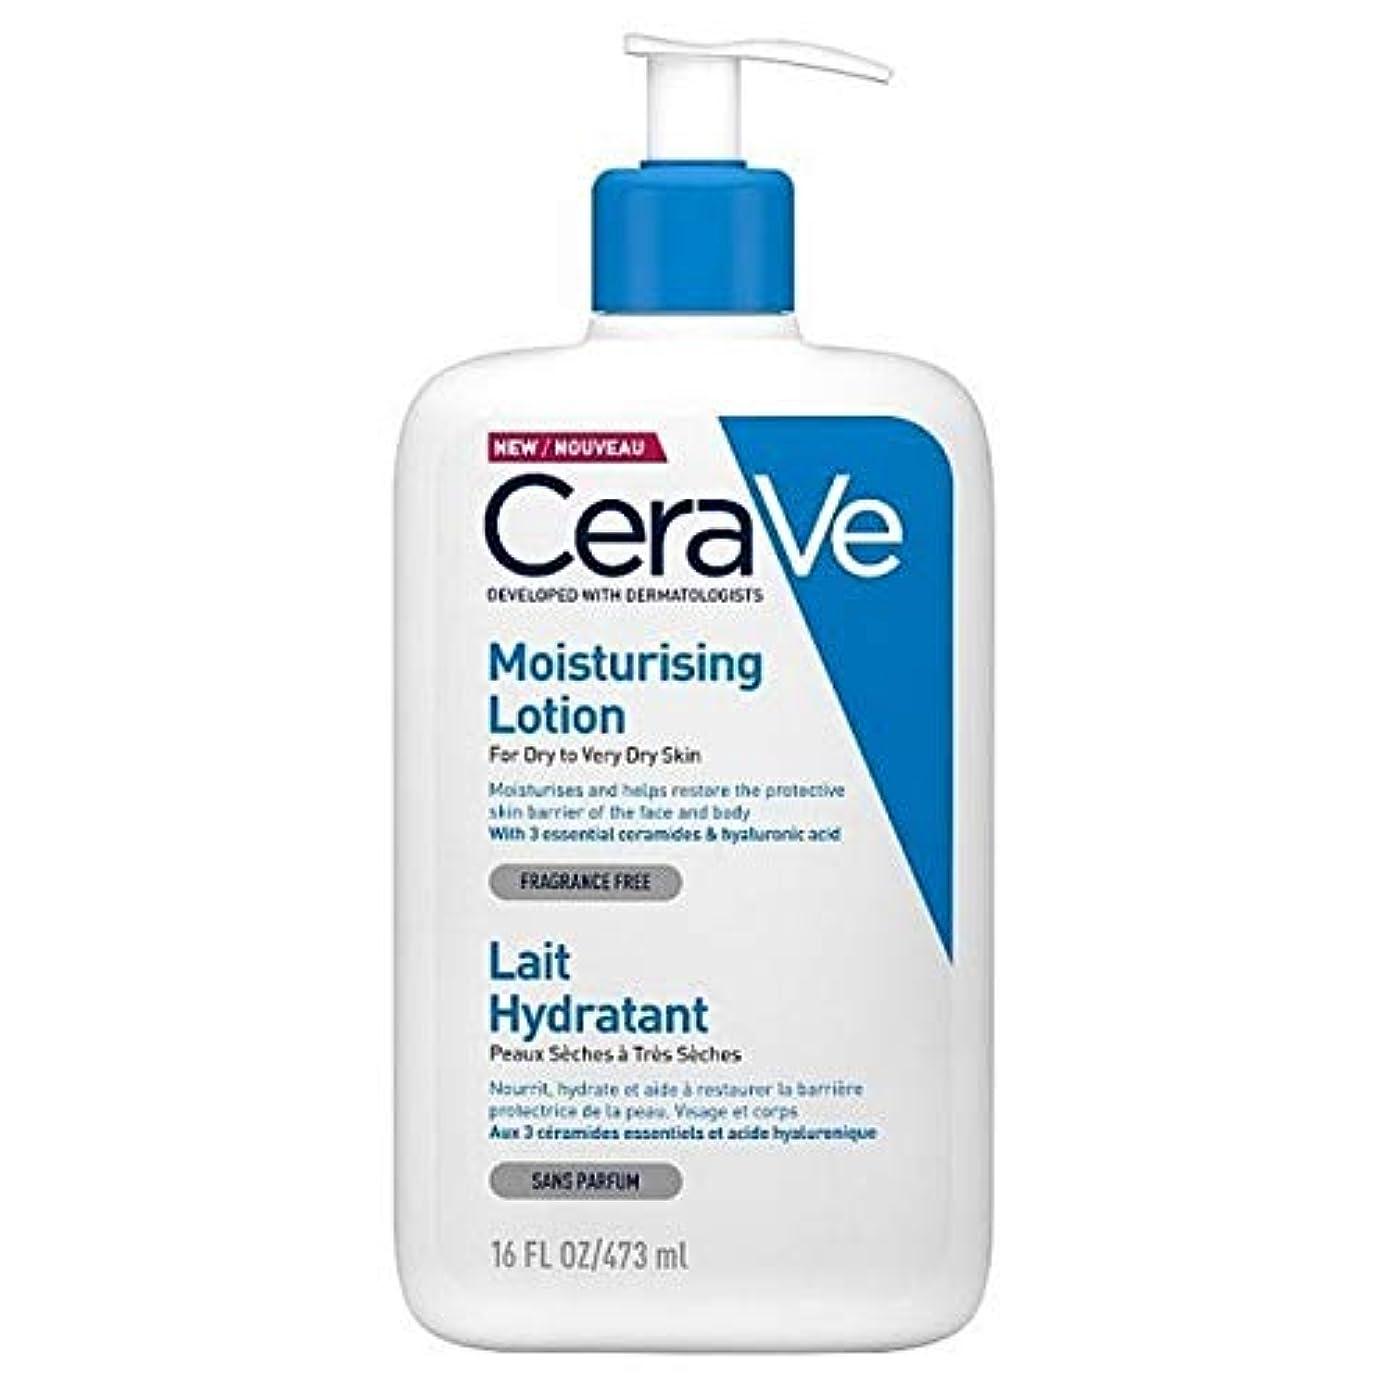 閃光ウェイタートライアスリート[CeraVe] Cerave保湿ローション473ミリリットル - CeraVe Moisturising Lotion 473ml [並行輸入品]